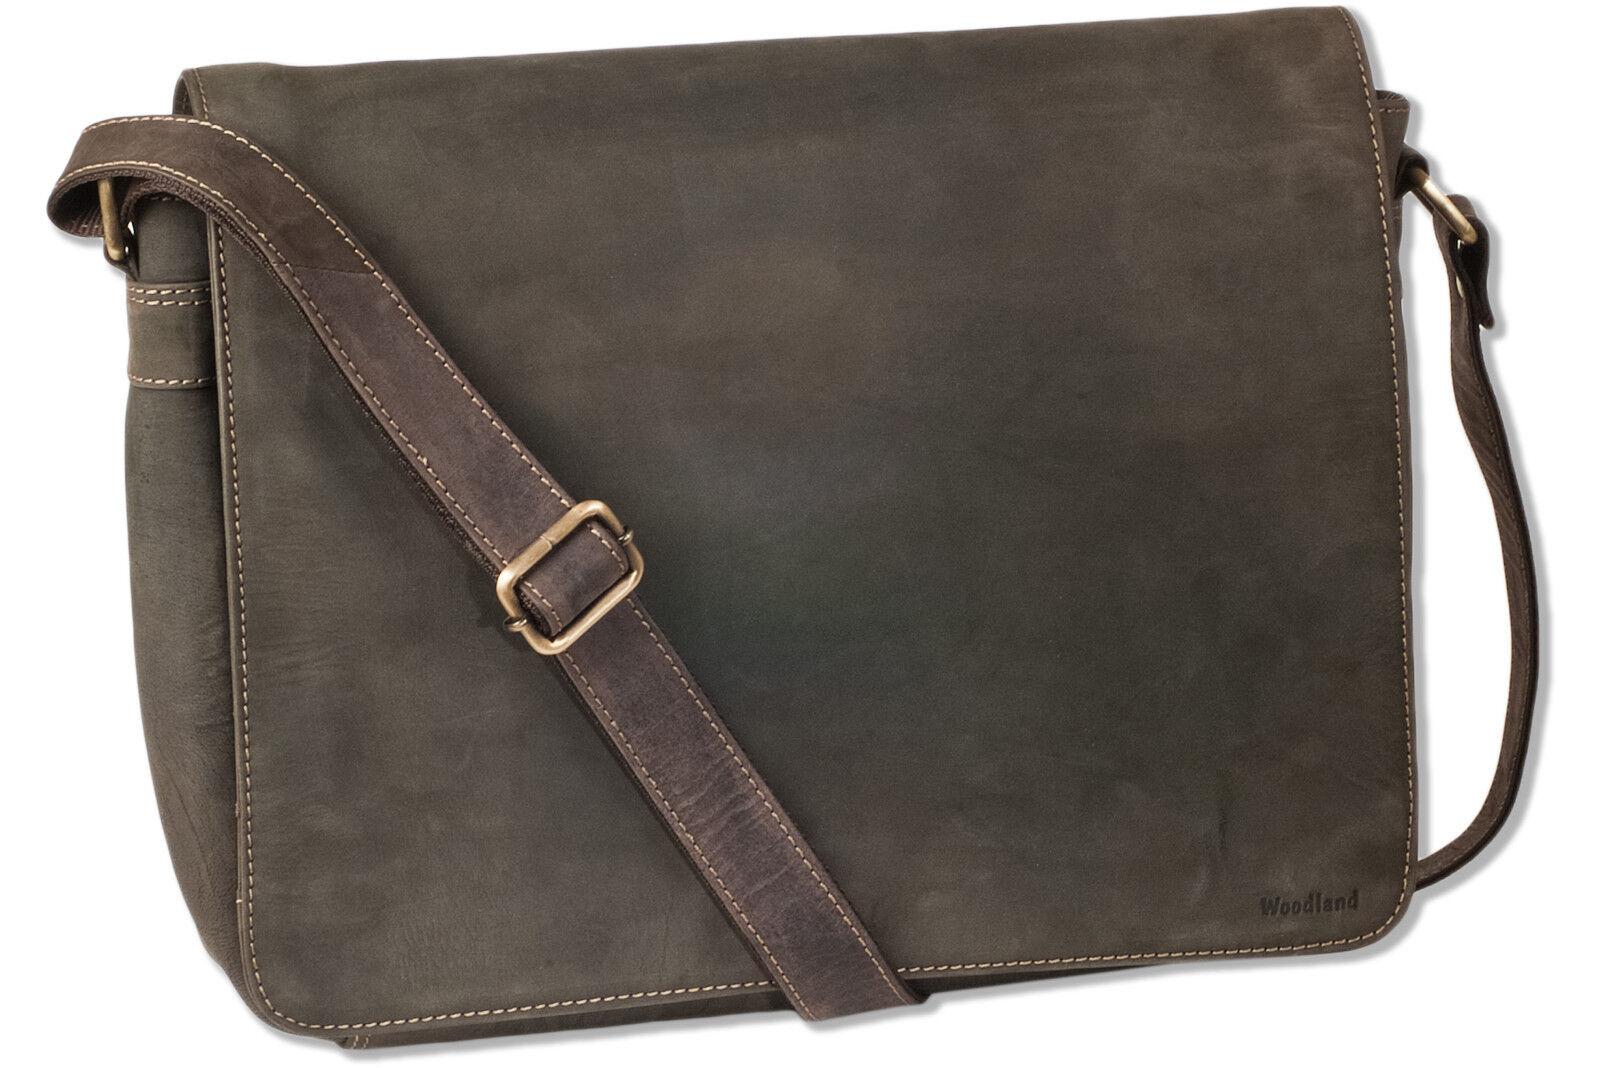 Woodland® Luxus Umhängetasche   Laptoptasche aus feinem Büffelleder in Braun | Neuer Eintrag  | Elegant Und Würdevoll  | Die Qualität Und Die Verbraucher Zunächst